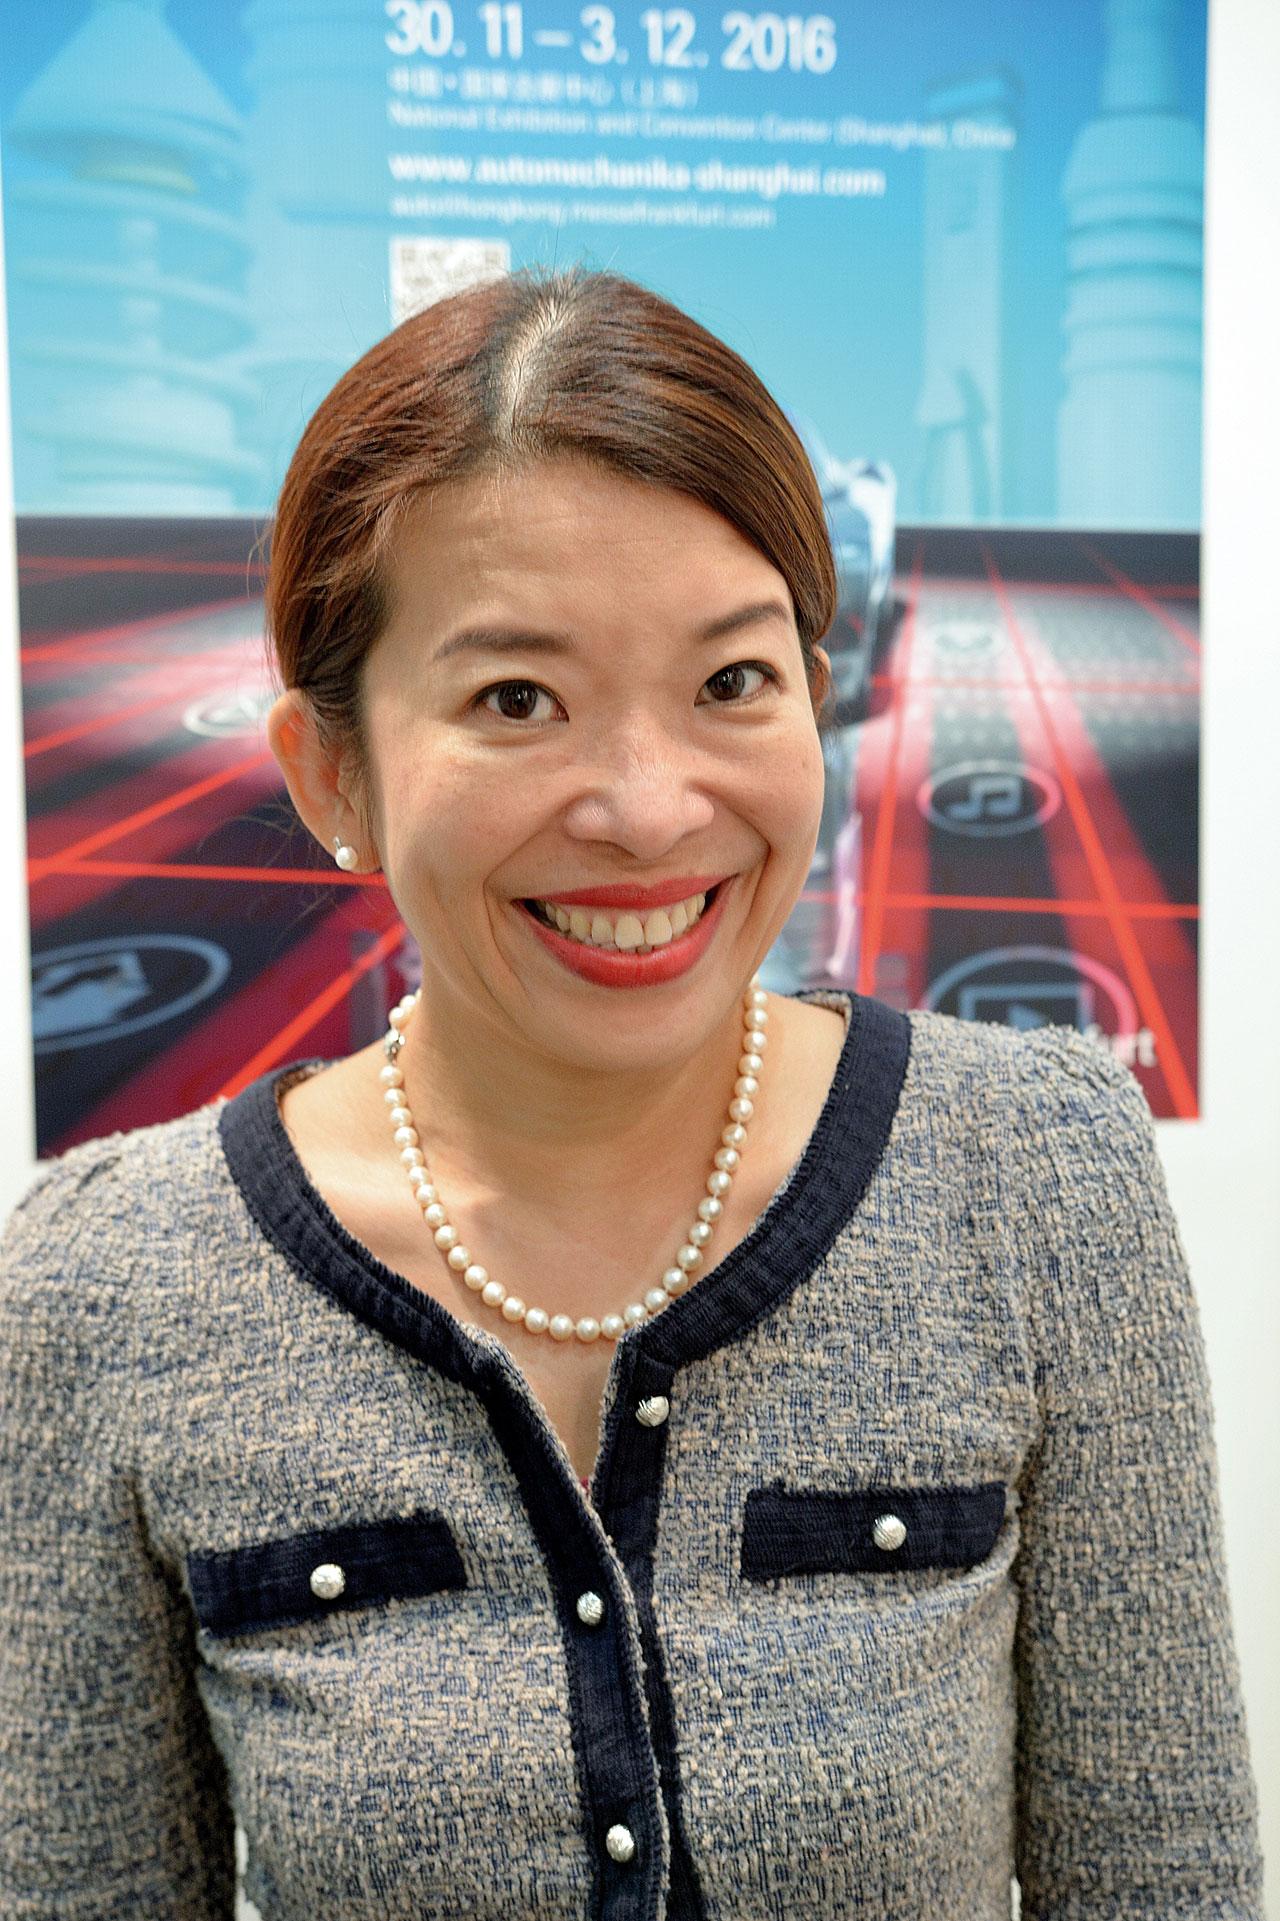 Fiona Chiew, zastępca dyrektora Messe Frankfurt wSzanghaju